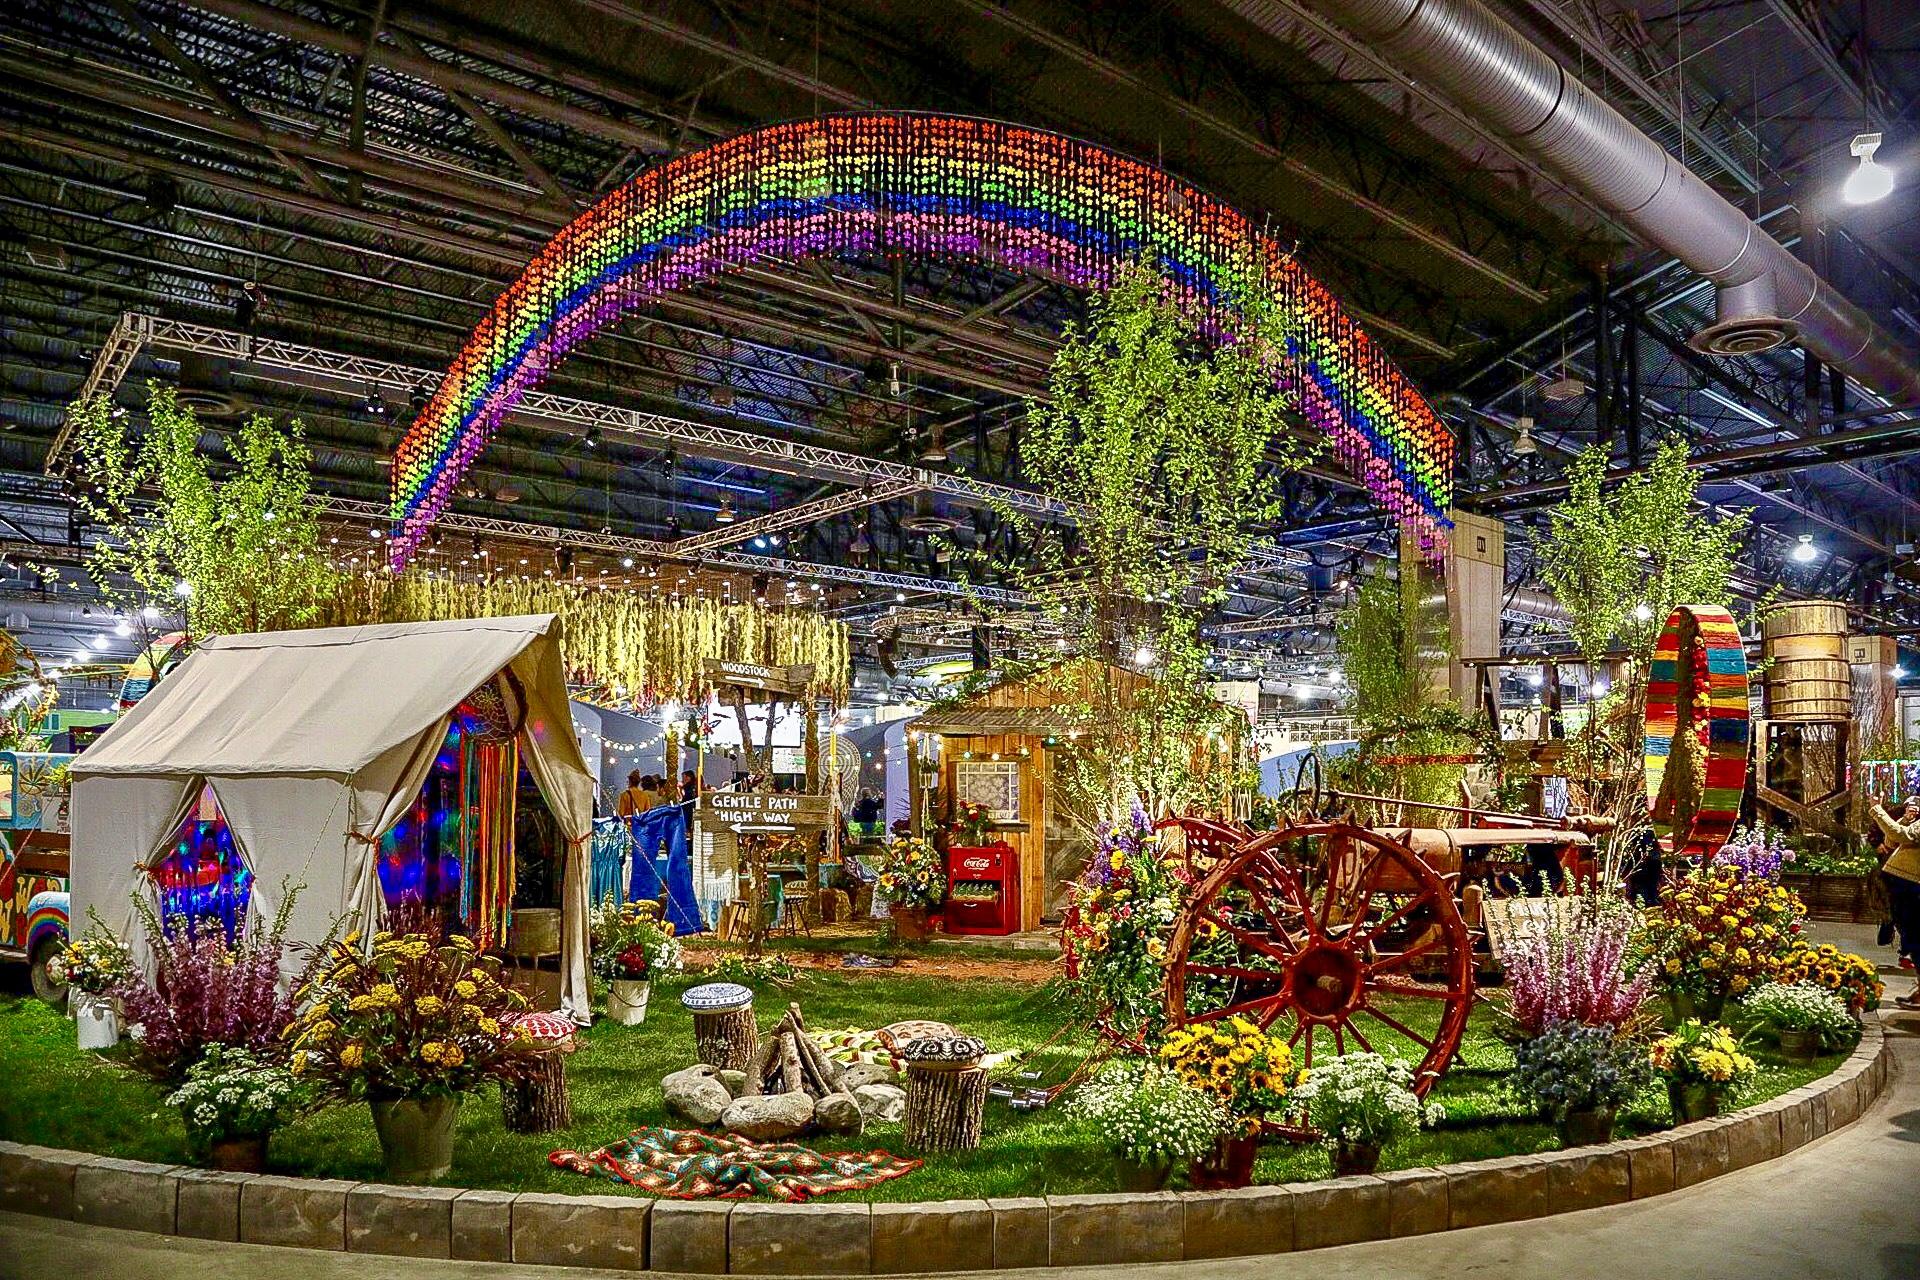 PHS Philadelphia Flower Show 2019